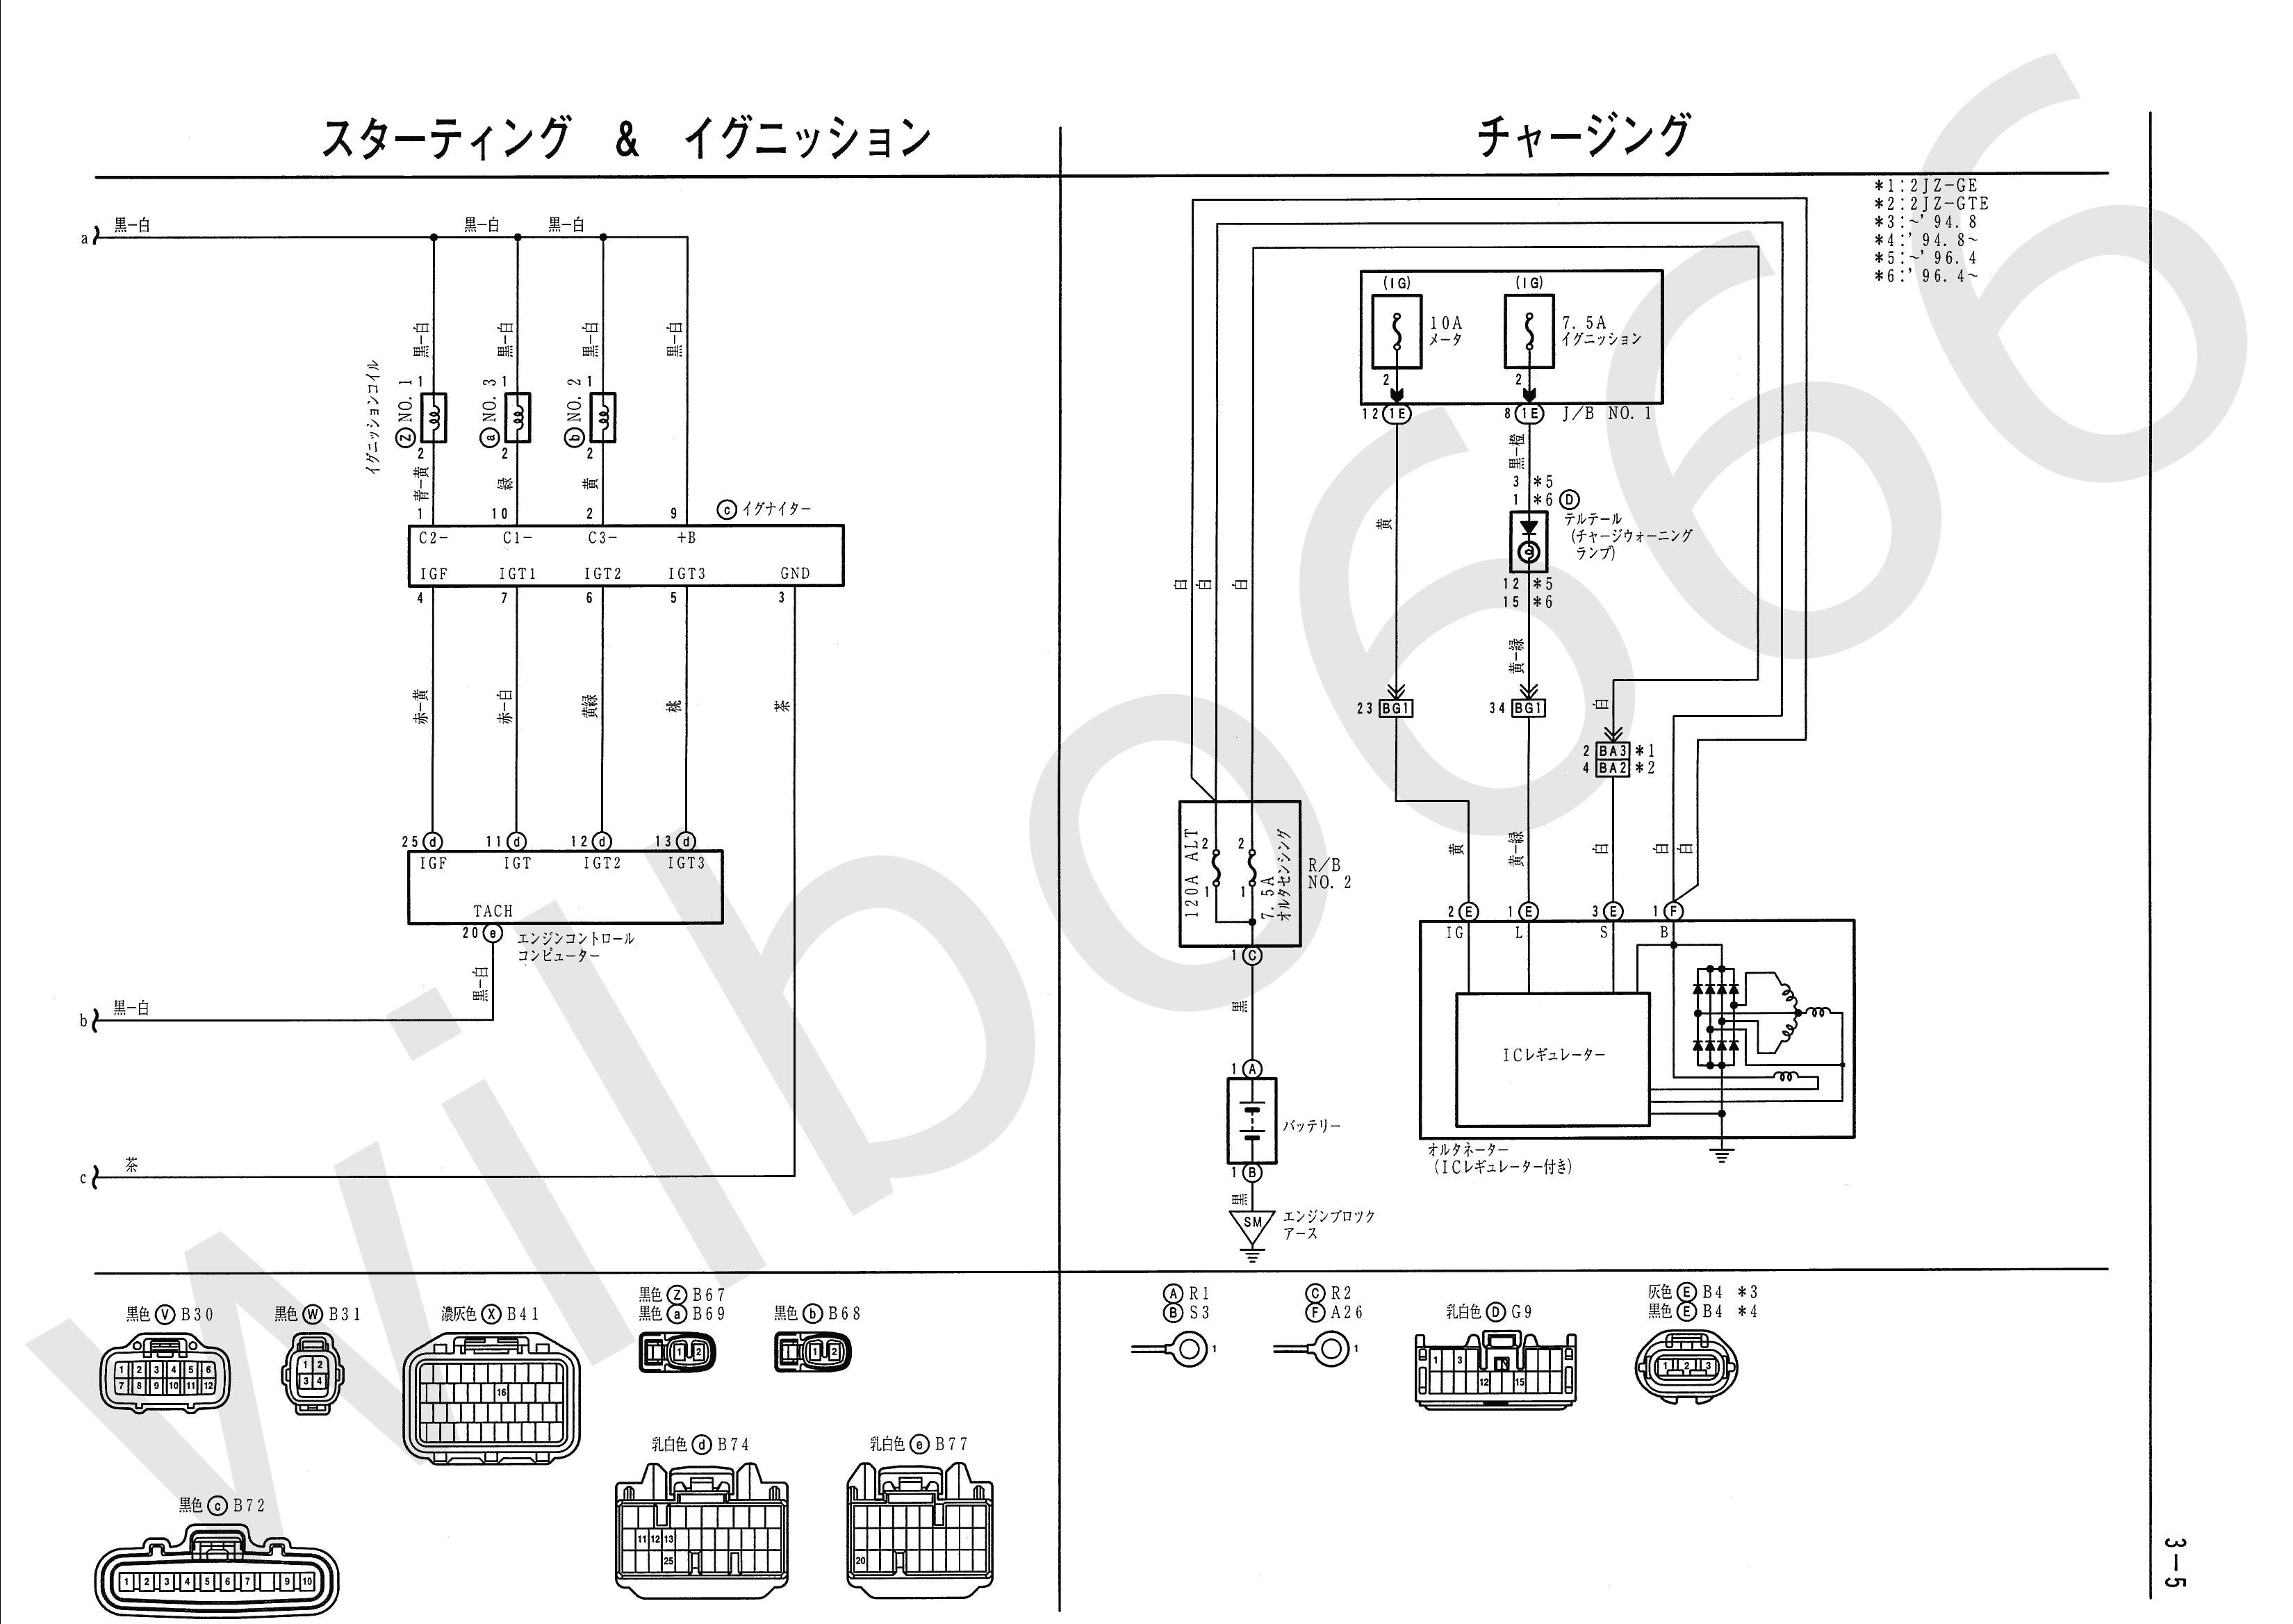 Wilbo666 2jz Ge Jza80 Supra Engine Wiring Honda Civic Intake Manifold Toyota Diagrams